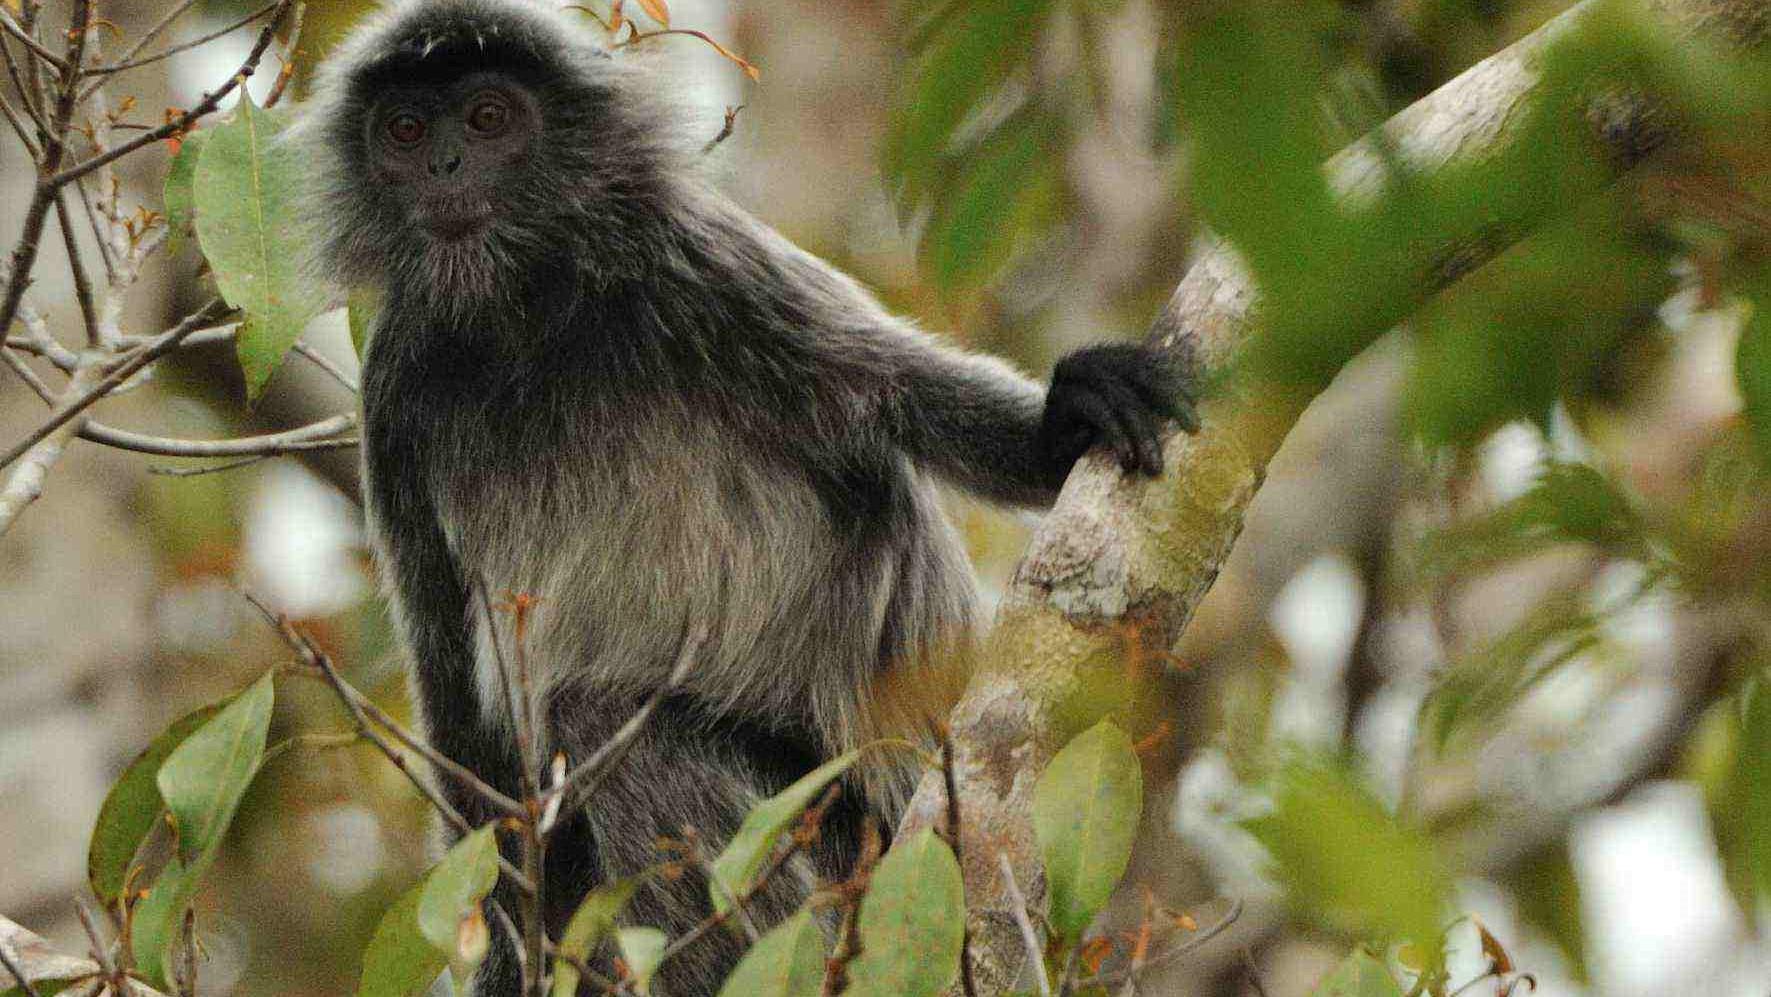 tanjung puting, orangutan, wildlife safari, tour, trip guide, klotok boat cruise jungle